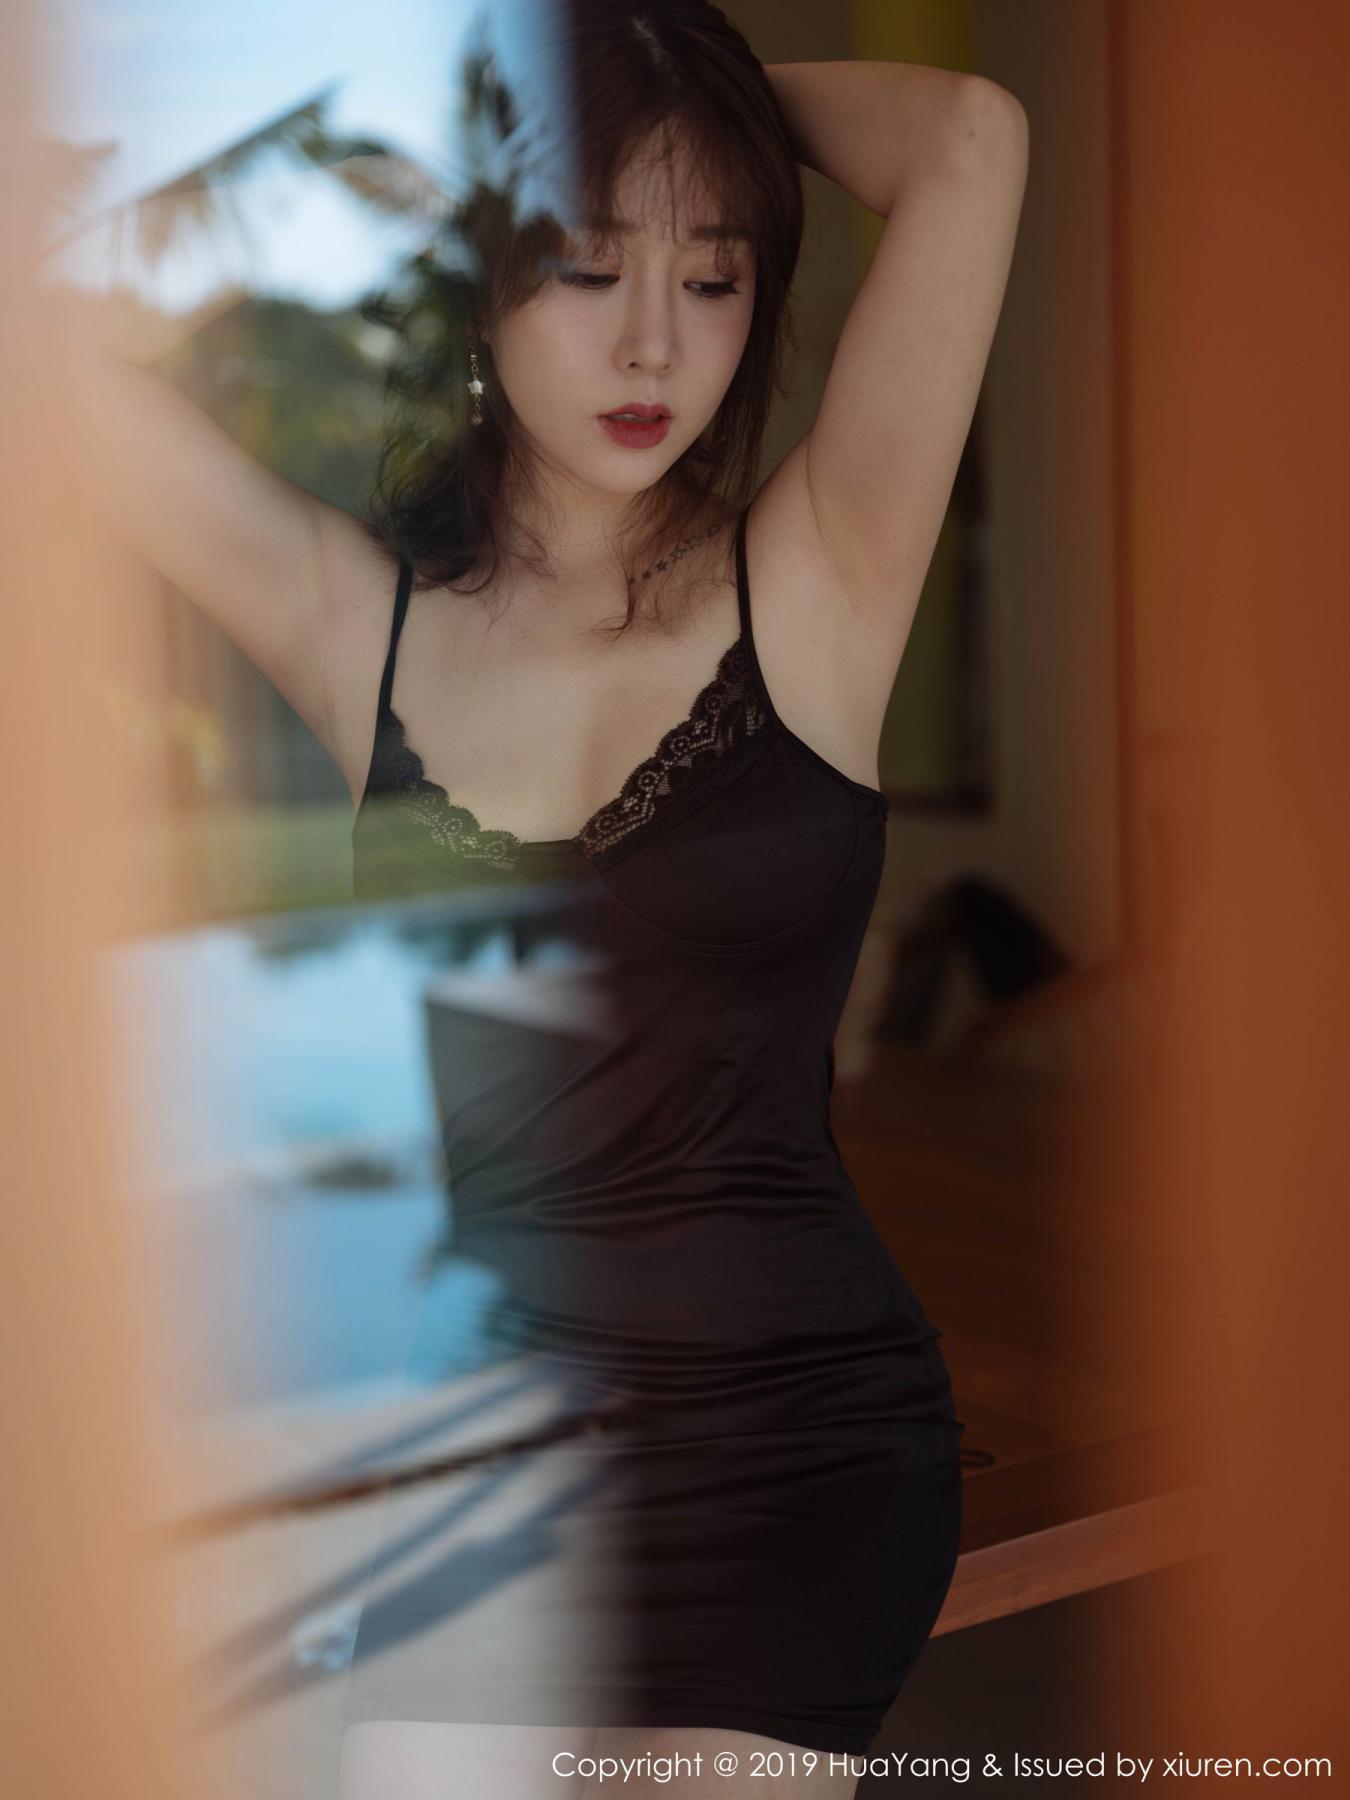 [Huayang] Vol.143 Wang Yu Chun 48P, Black Silk, HuaYang, Tall, Wang Yu Chun